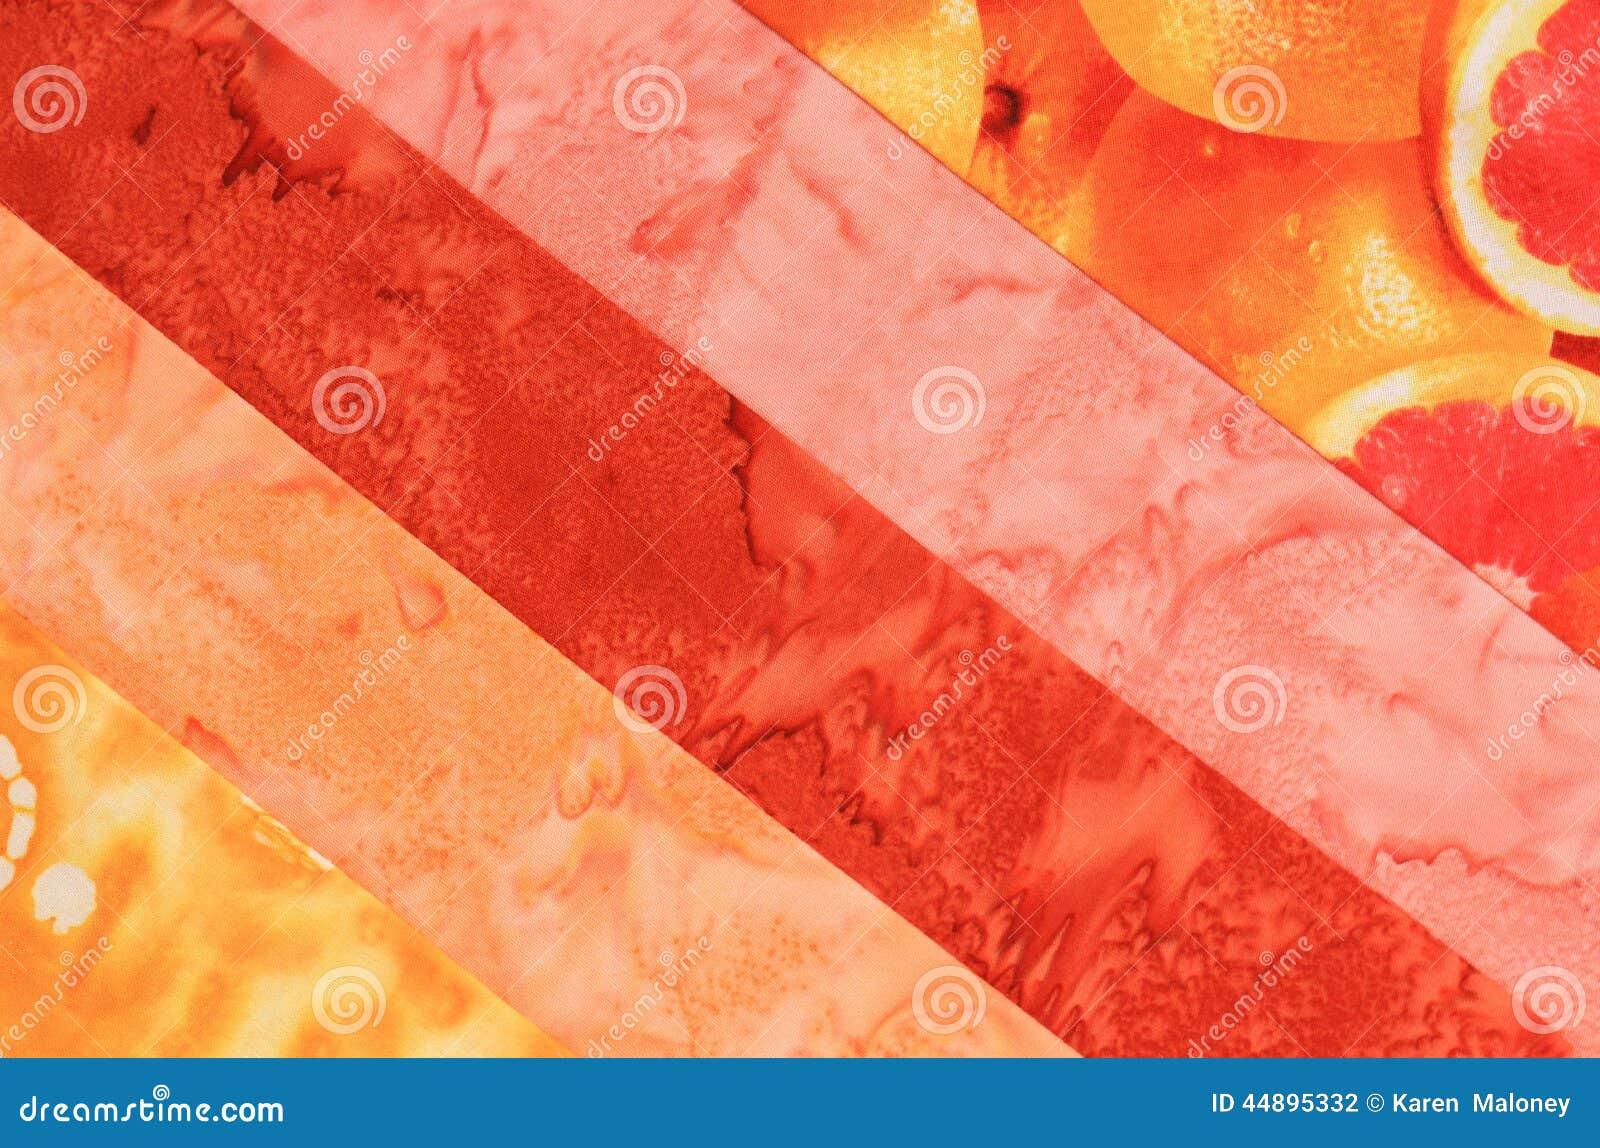 tissu bande rose et orange photo stock image du blocs 44895332. Black Bedroom Furniture Sets. Home Design Ideas